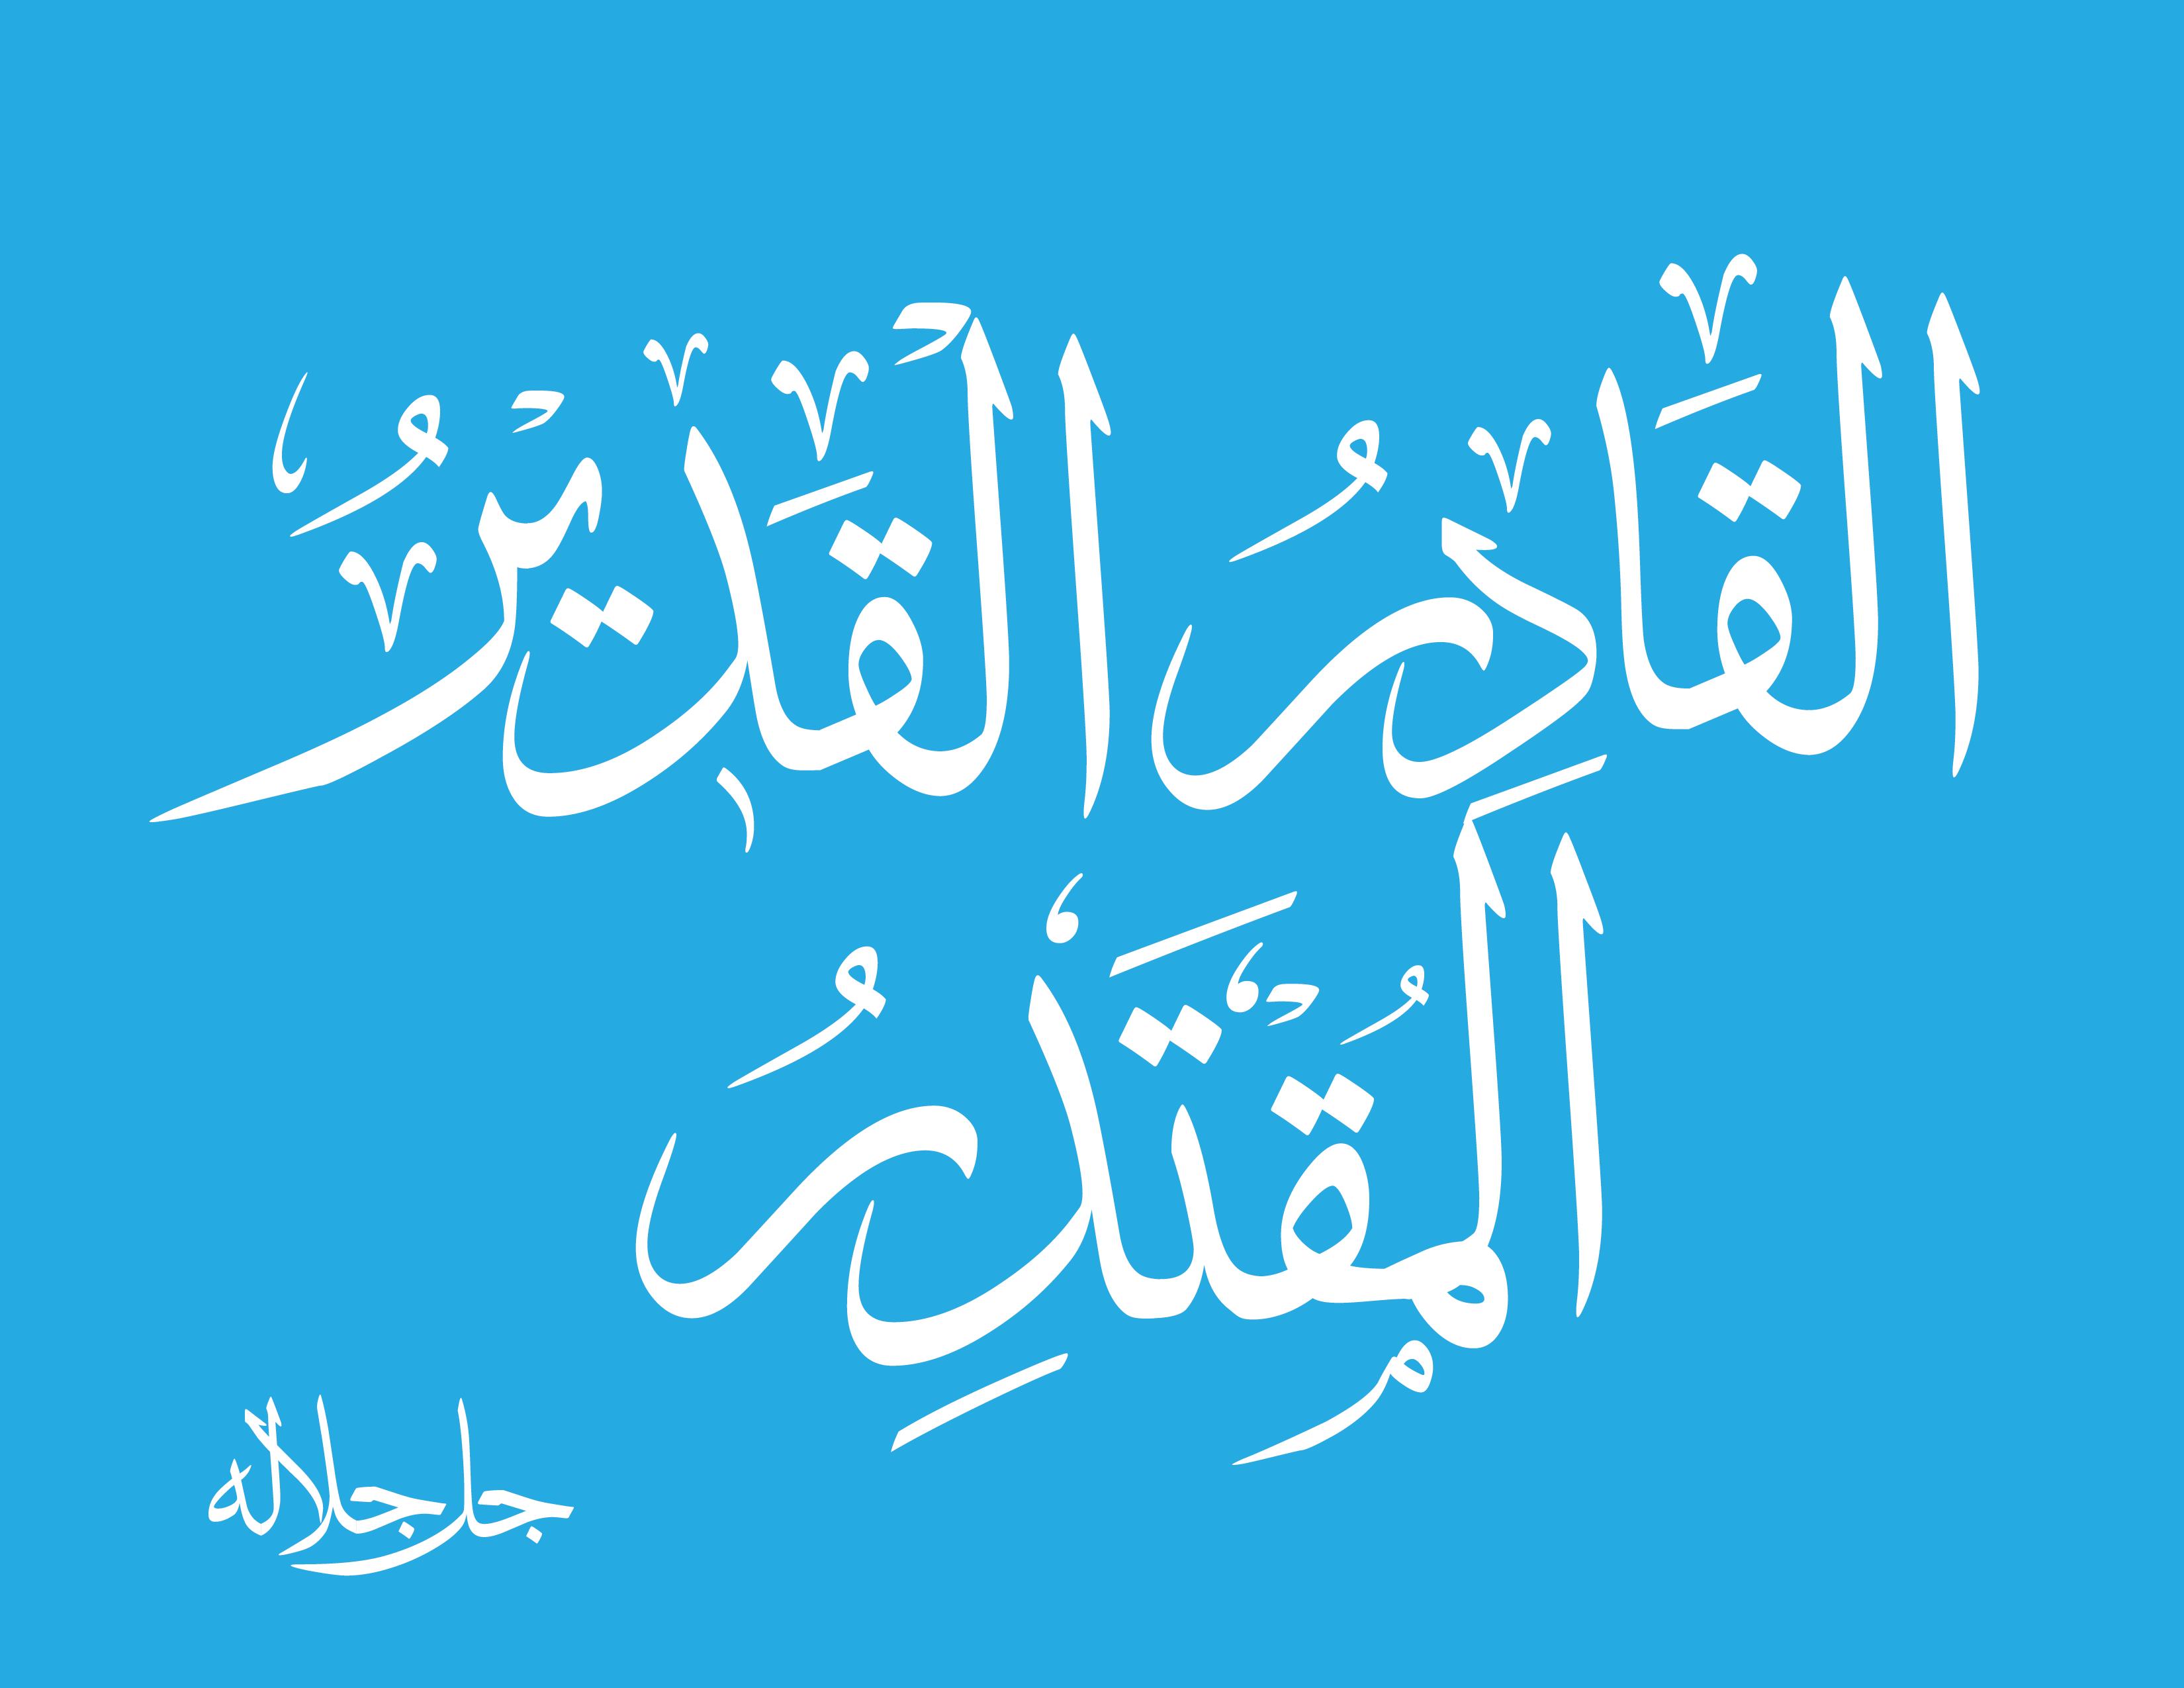 تابع شرح أسماء الله الحسنى للأطفال الجواد القادر القدير المقتدر العليم علام الغيوب Arabic Calligraphy Calligraphy